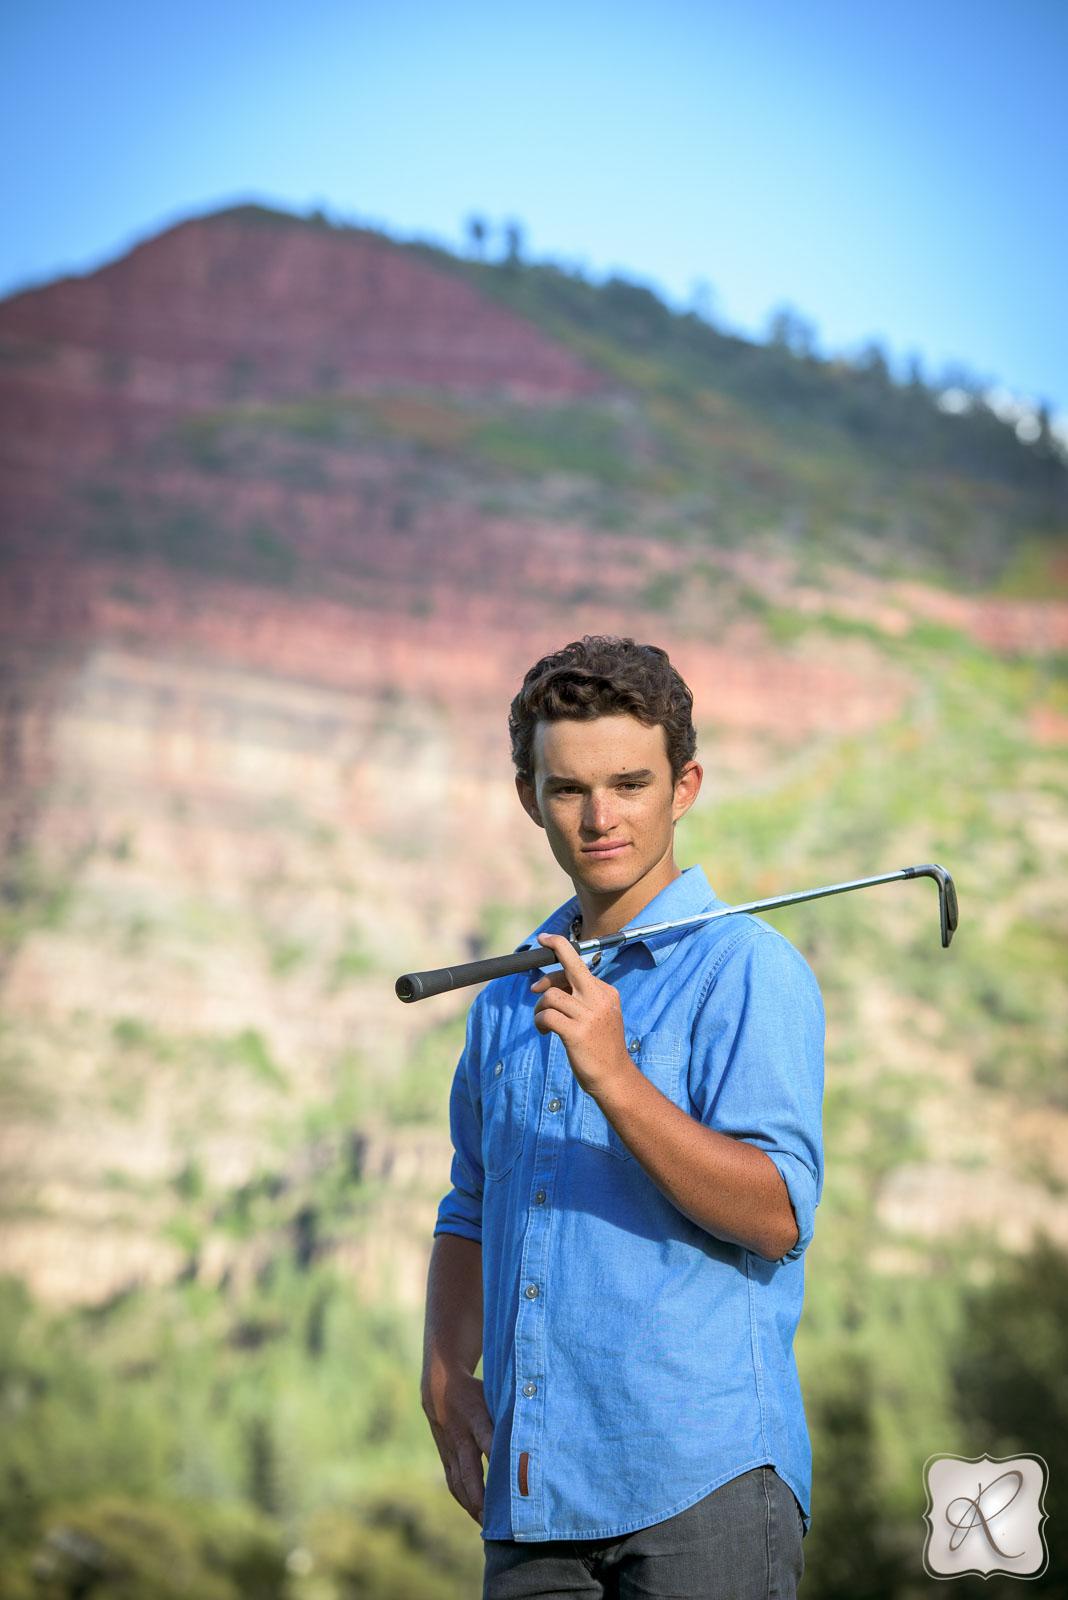 Golfing Senior Pictures